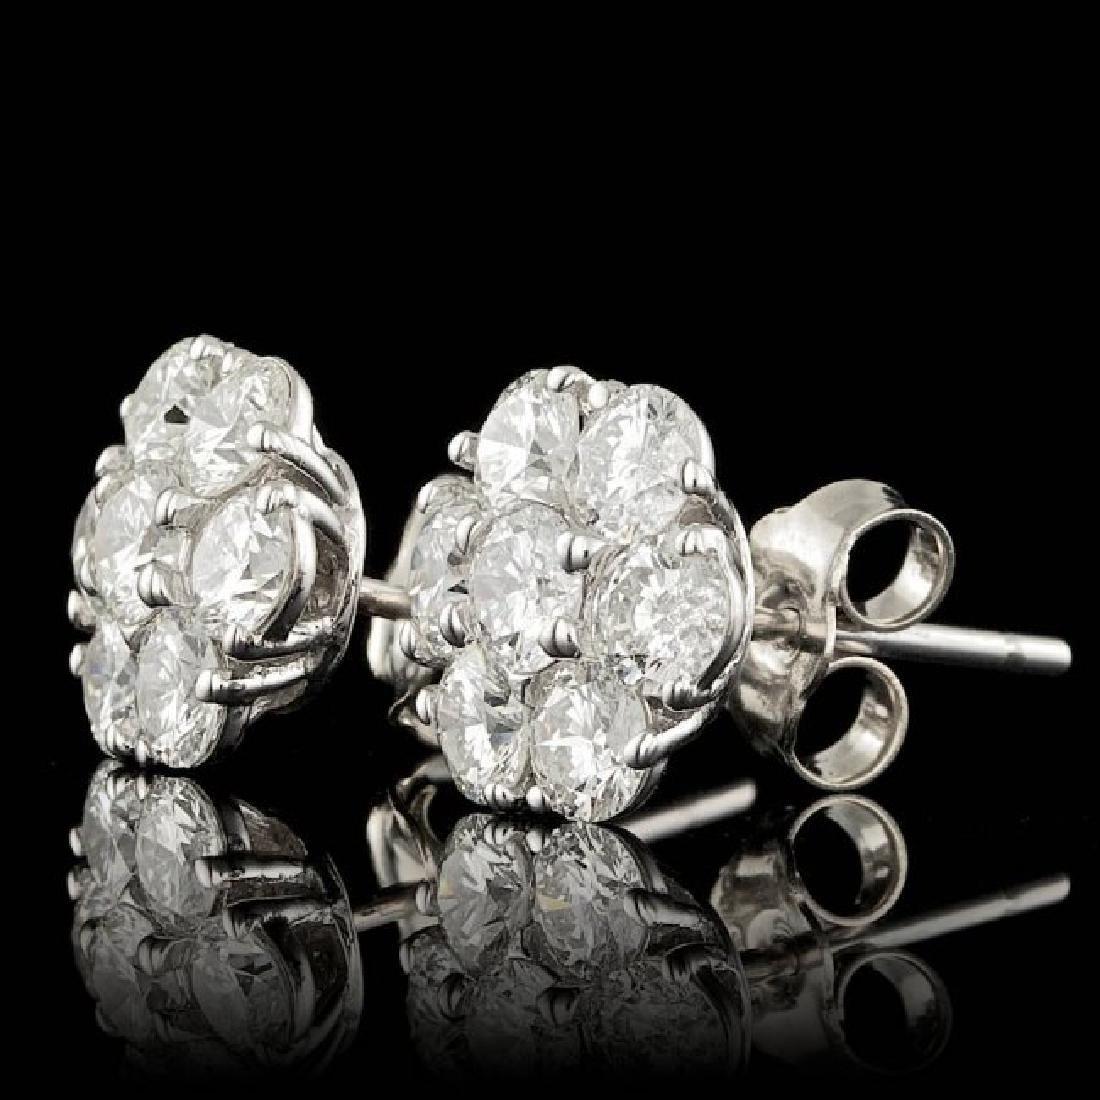 14k White Gold 2.25ct Diamond Earrings - 2